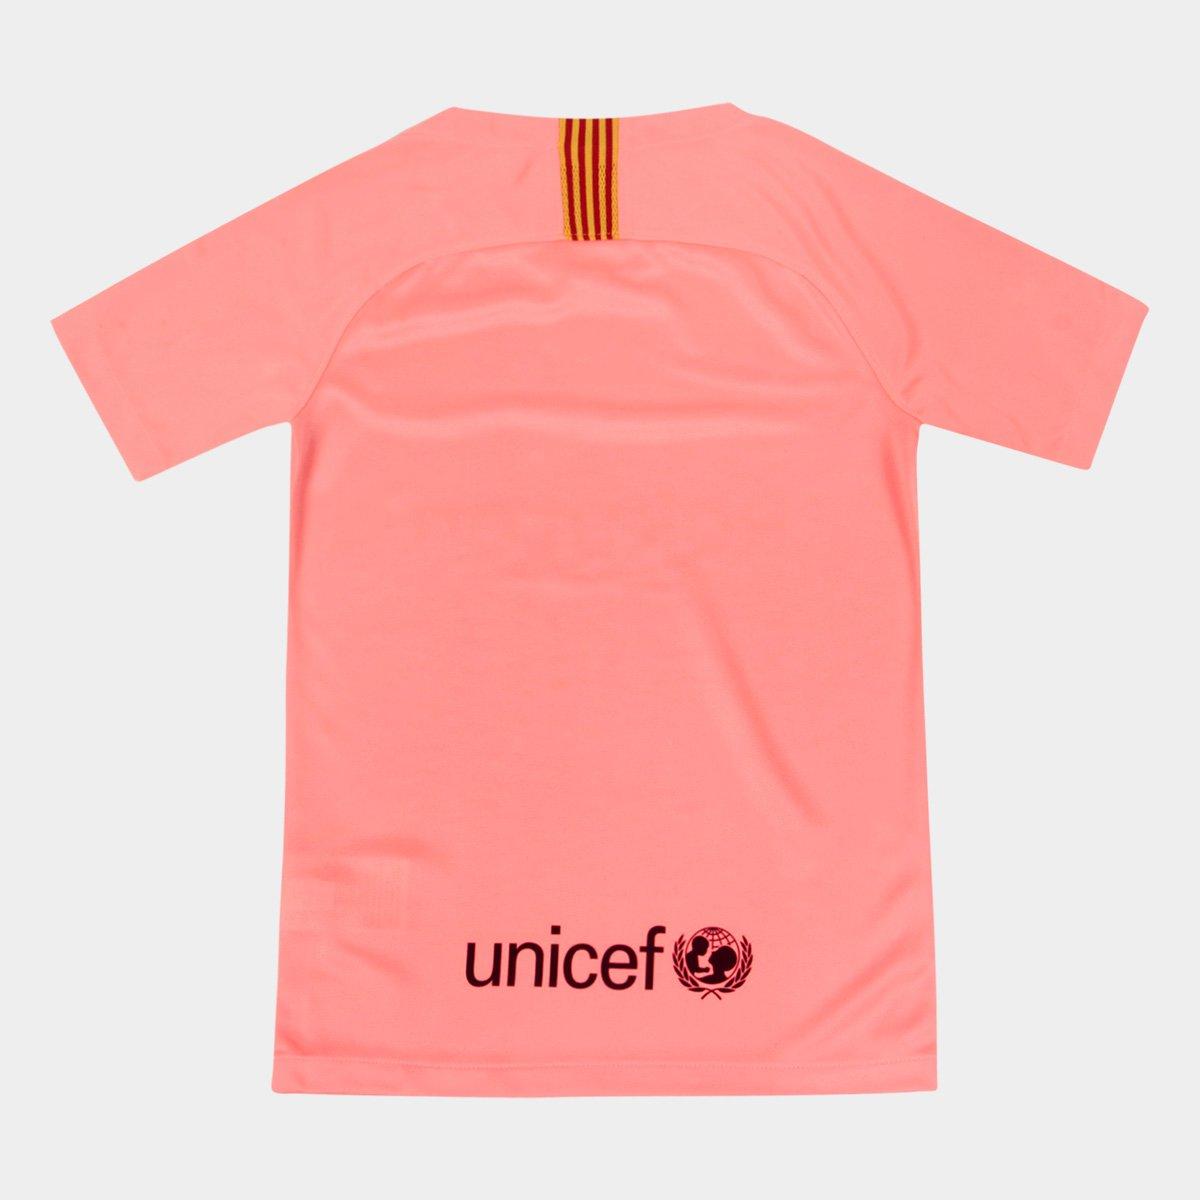 ... Foto 2 - Camisa Barcelona Infantil Third 2018 s n° - Torcedor Nike 9d0855d2ffd36